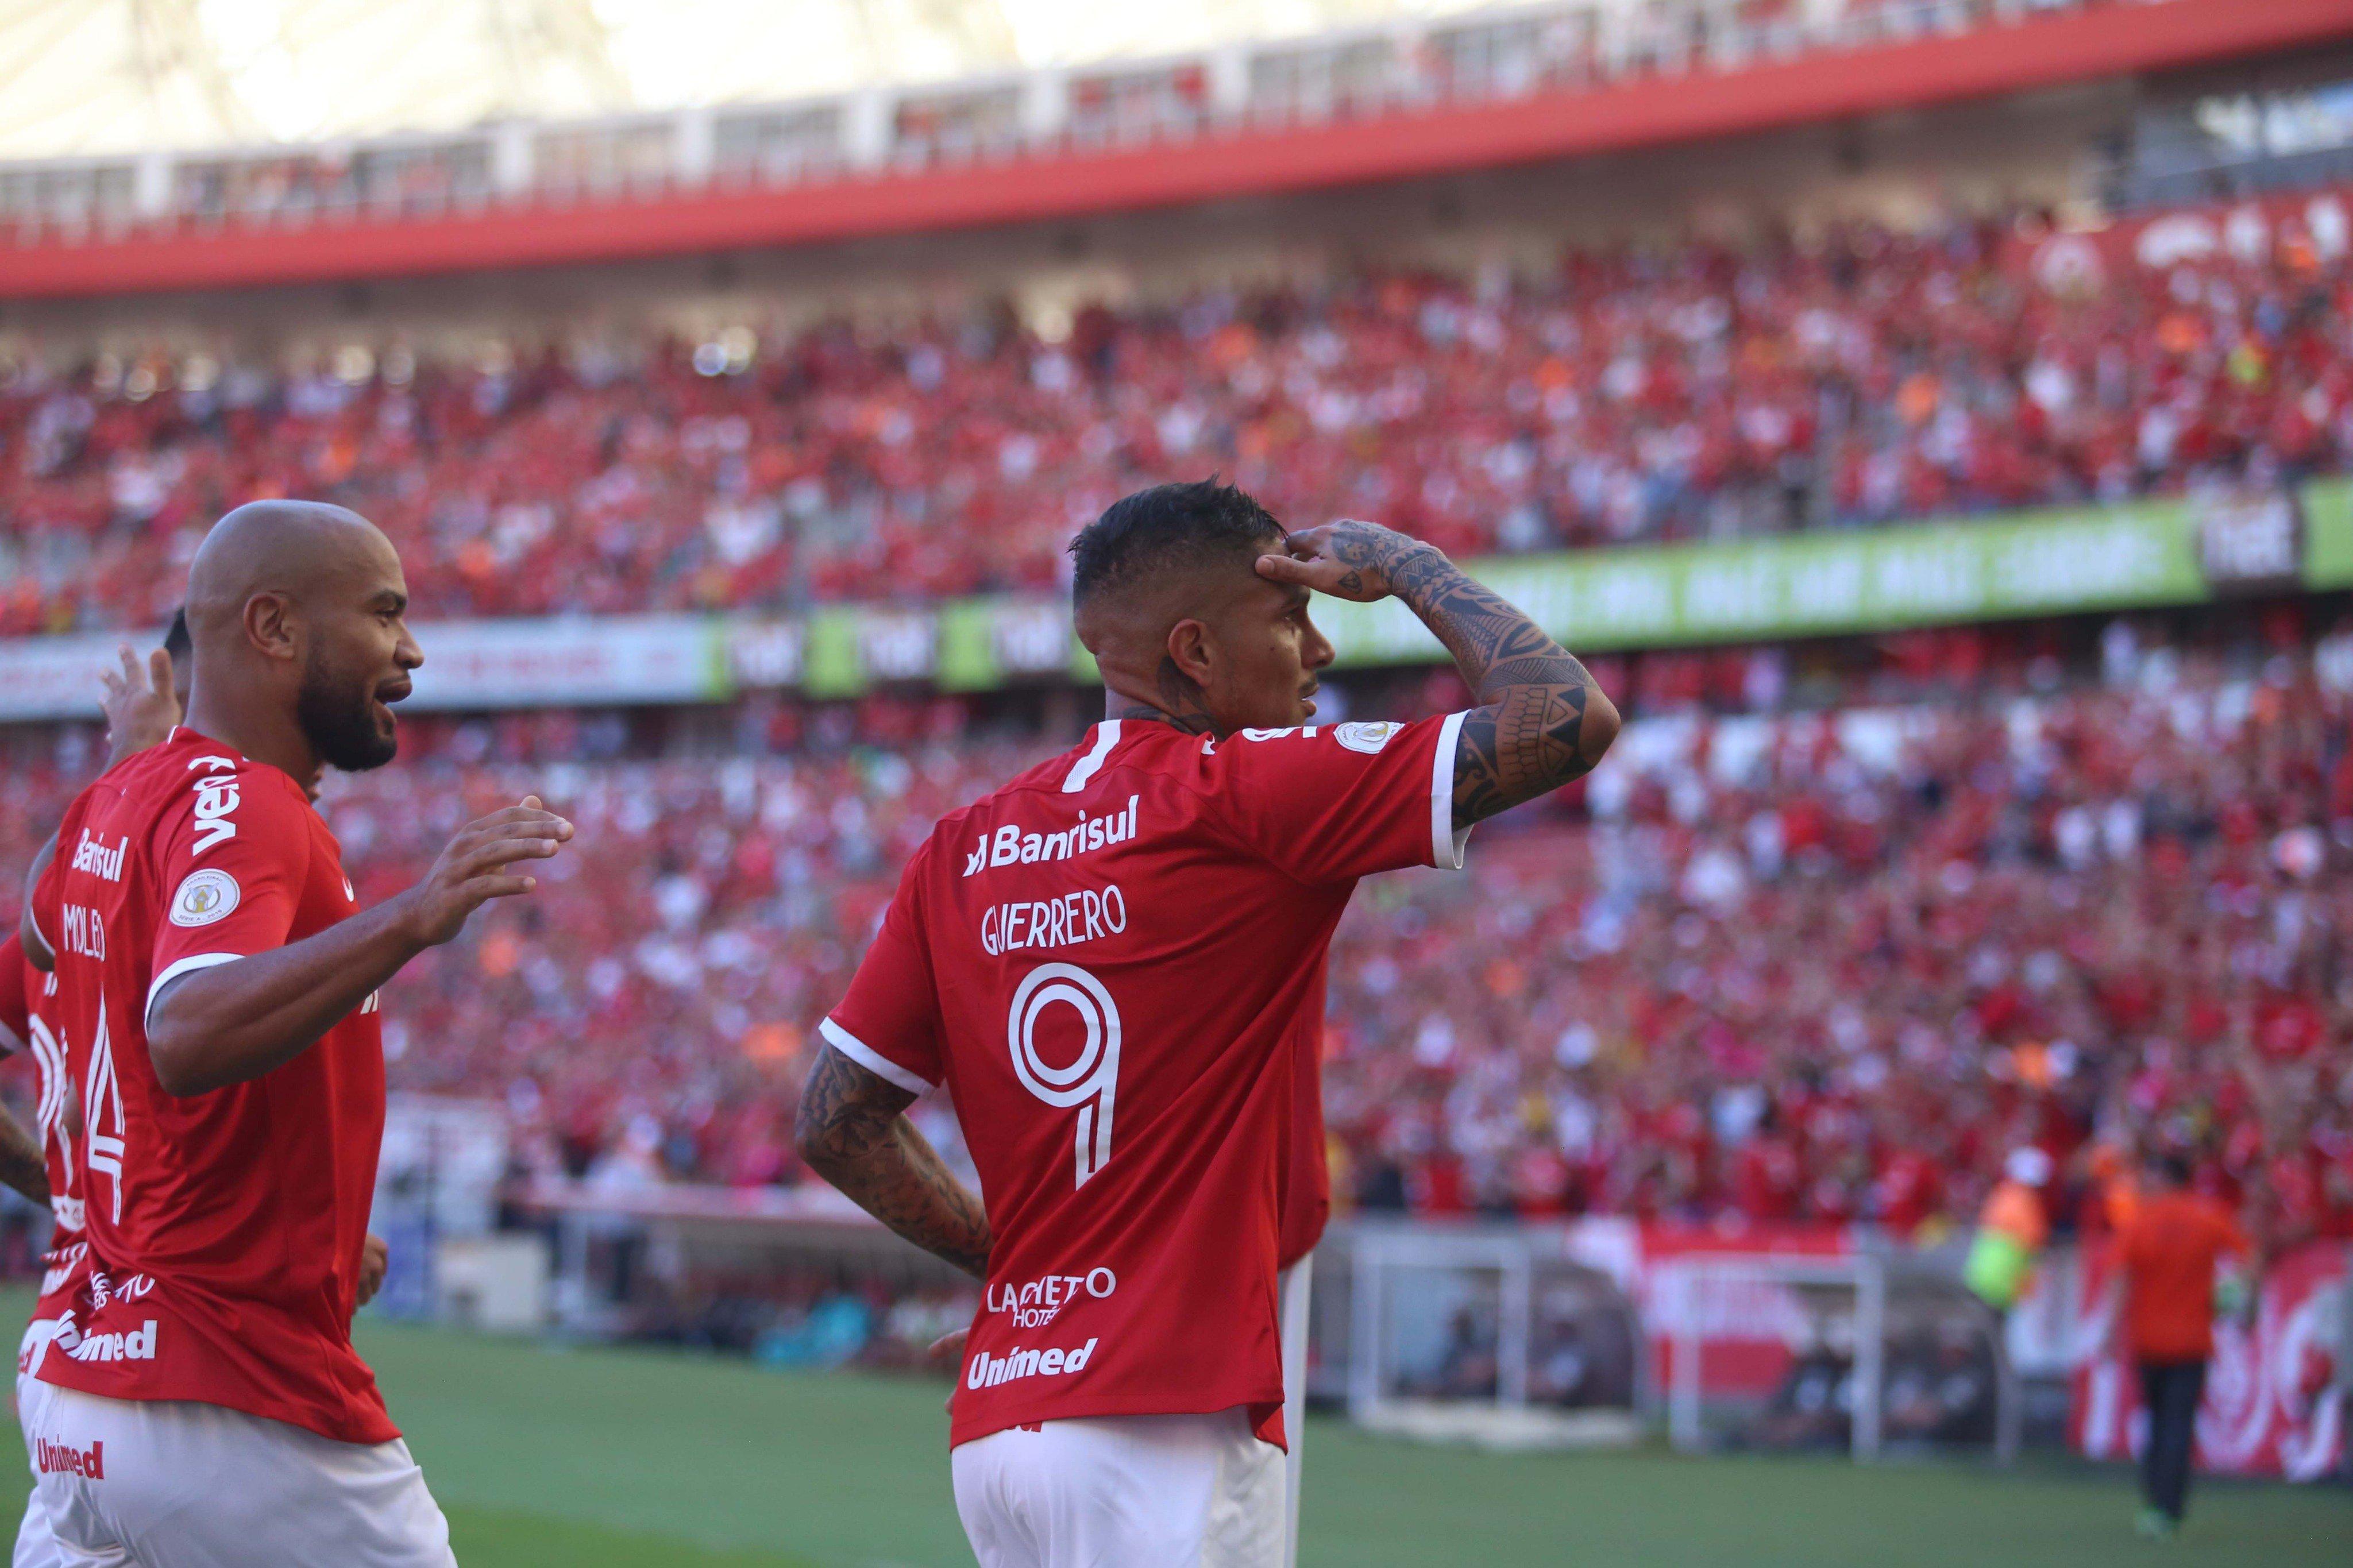 Internacional 2 X 1 Flamengo Veja Os Melhores Momentos Do Jogo